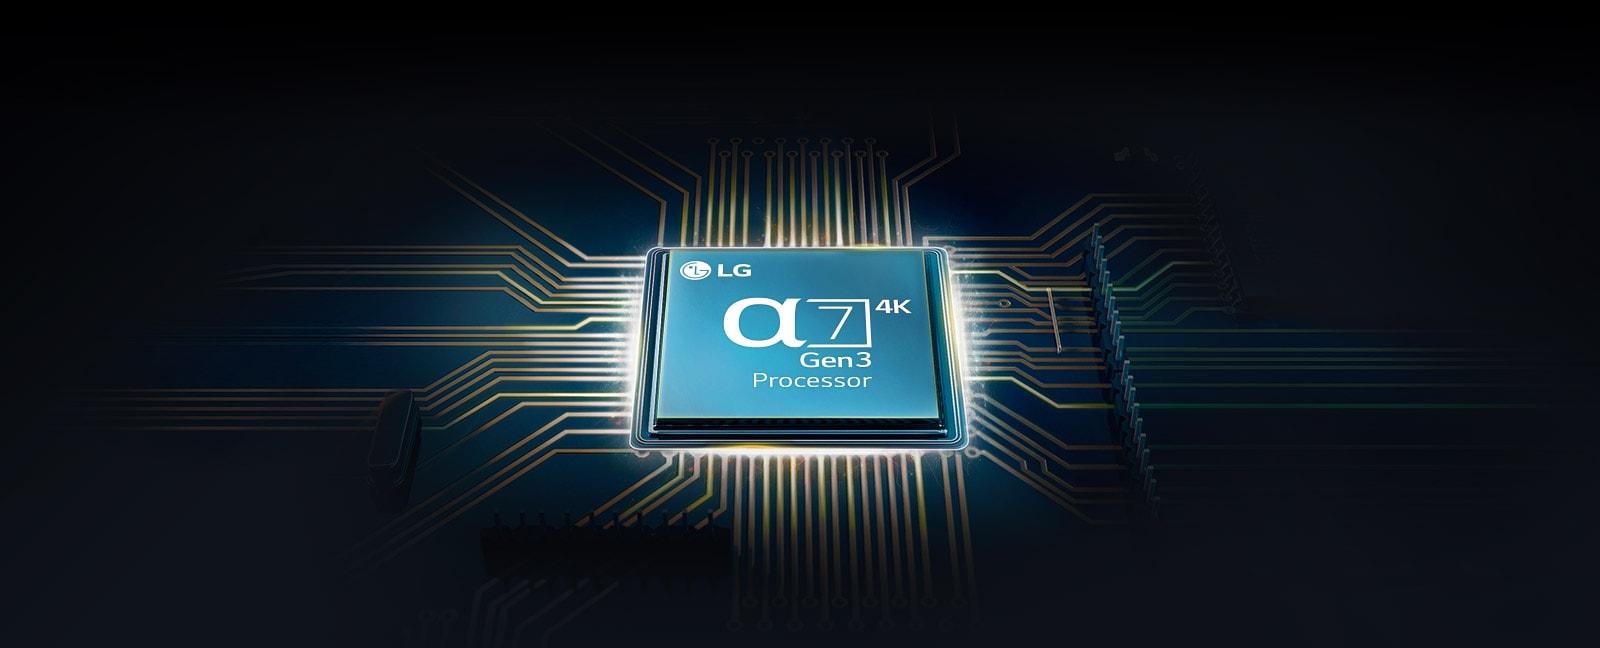 Čip Alpha 7 ugrađen na matičnoj ploči televizora